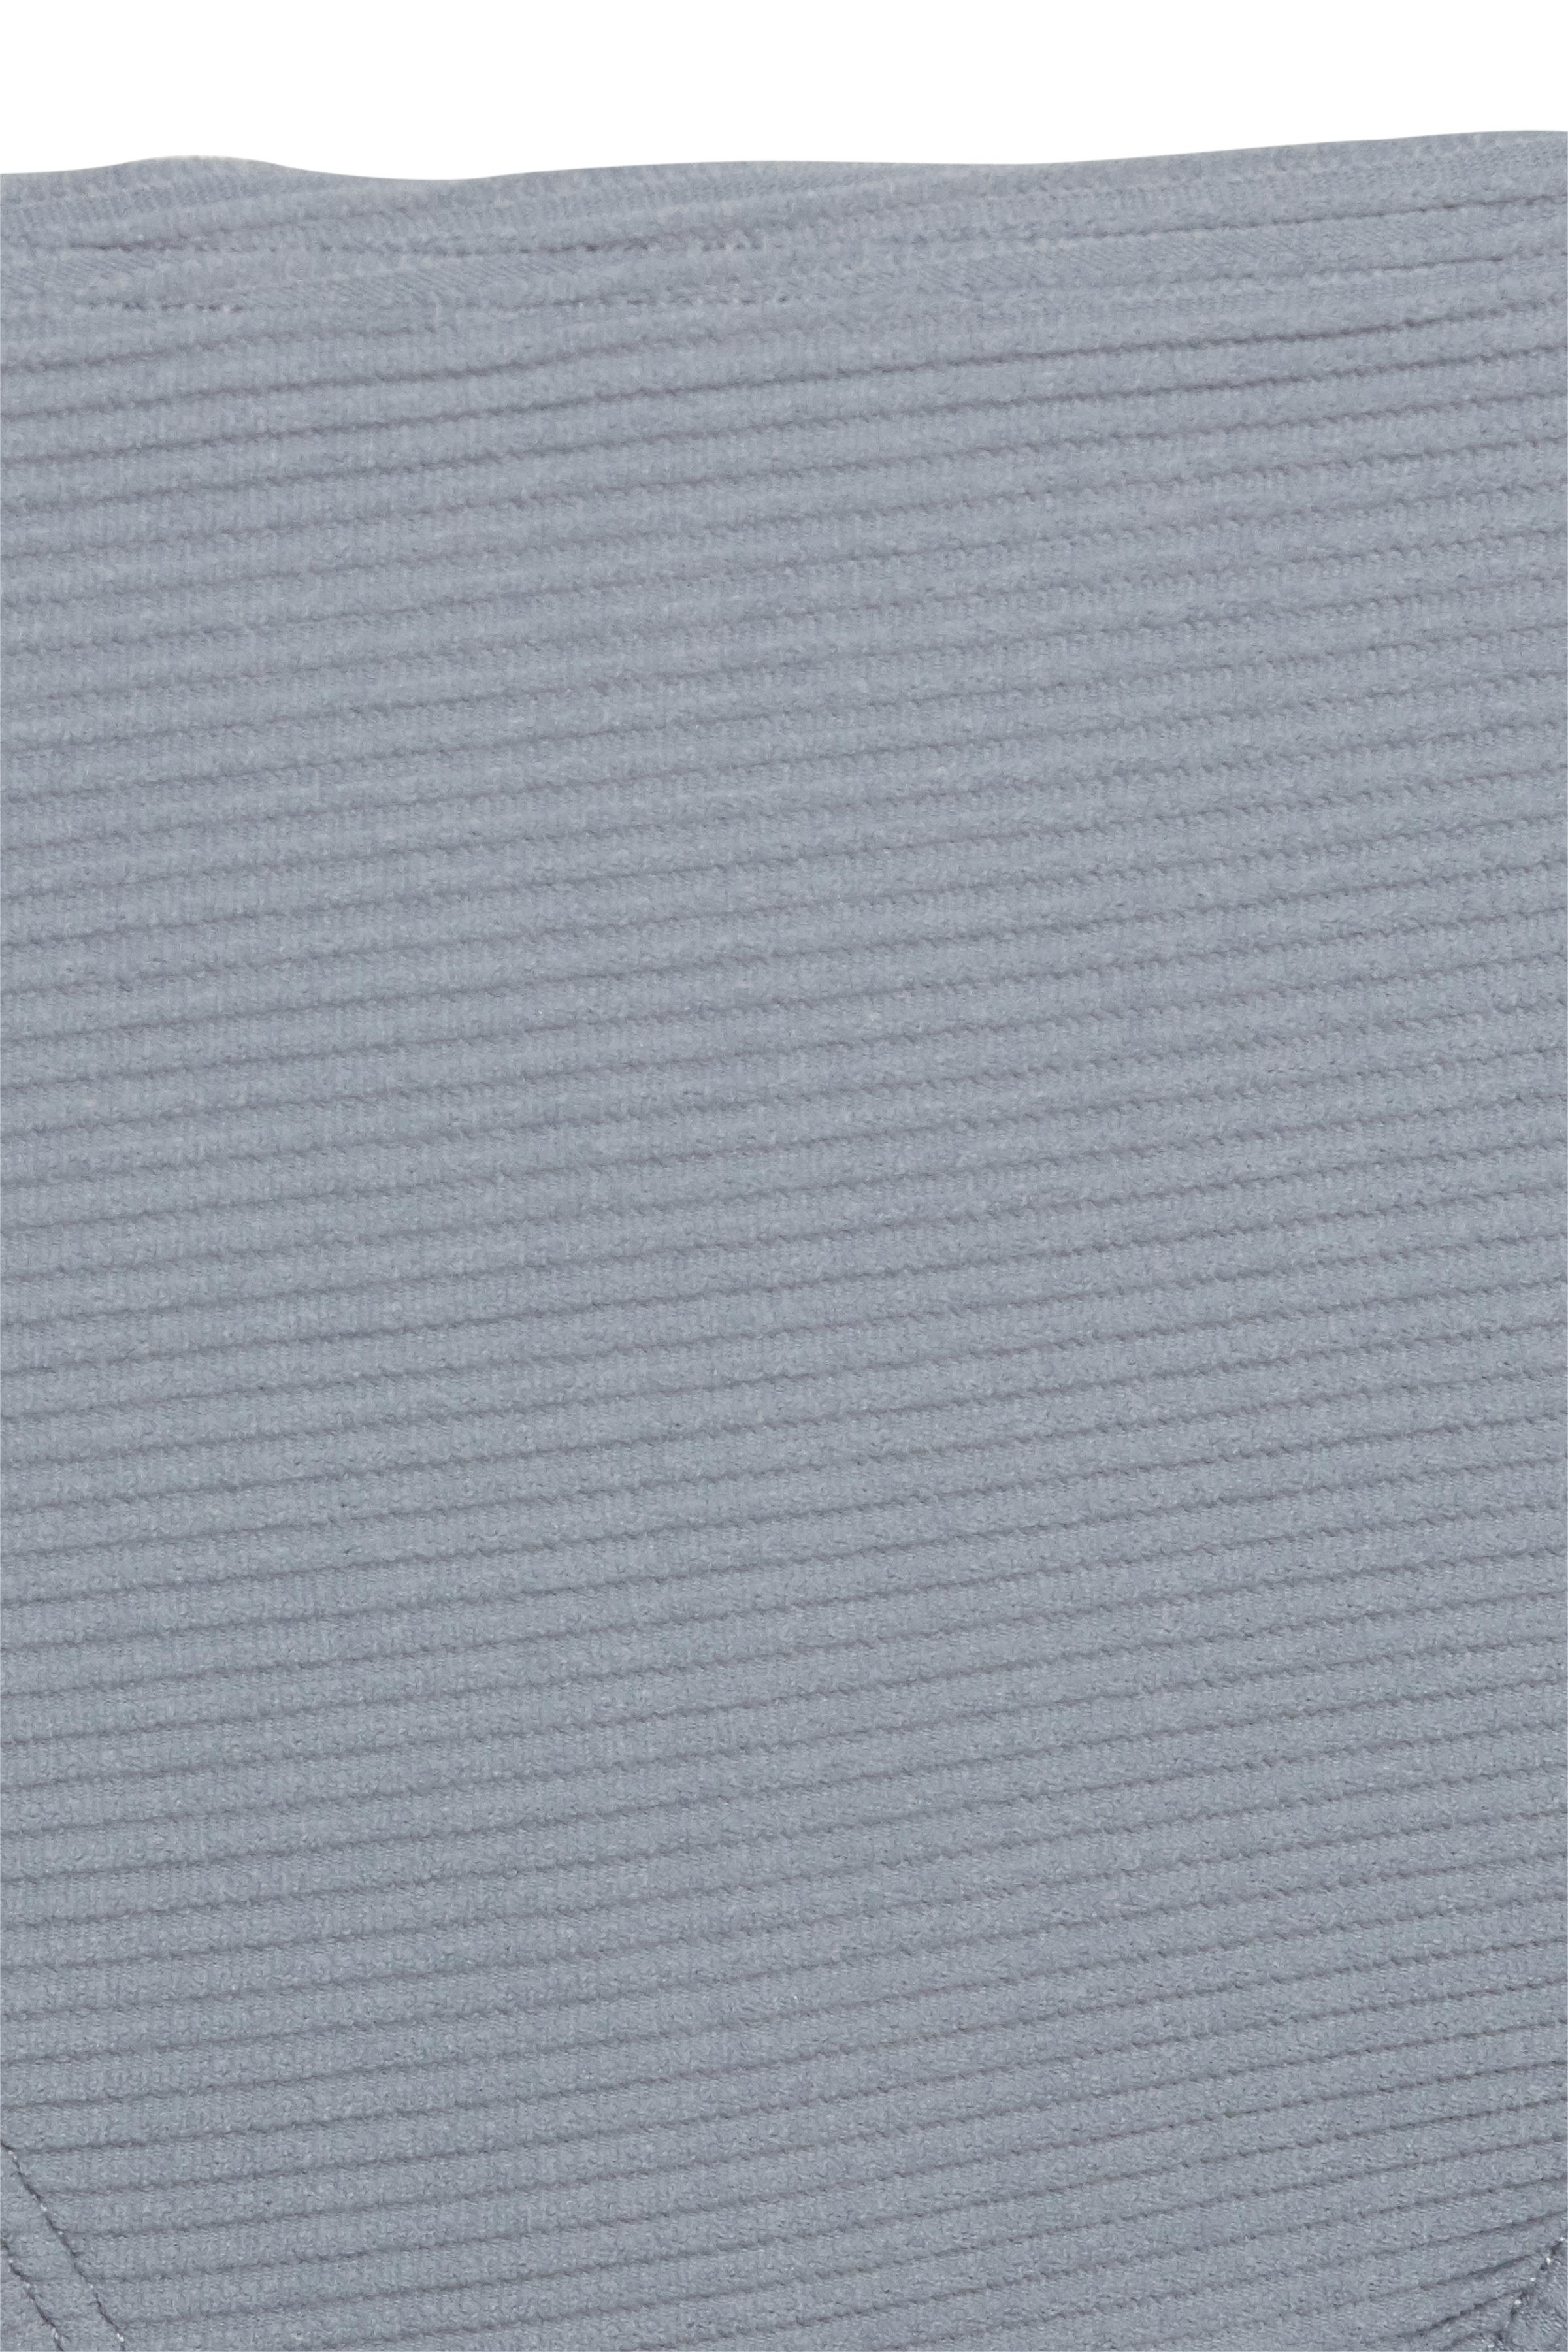 Blue Mirage Swimwear fra Ichi - accessories – Køb Blue Mirage Swimwear fra str. XS/S-M/L her